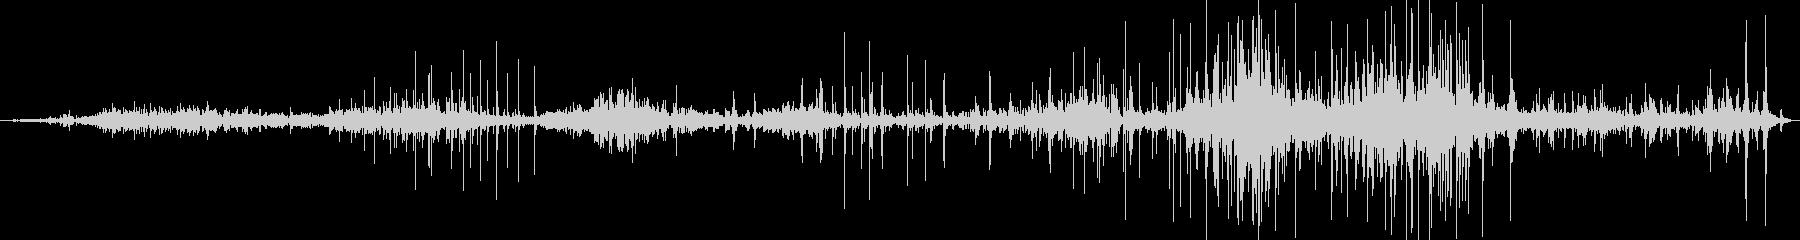 中世の管弦楽団:ドローの未再生の波形